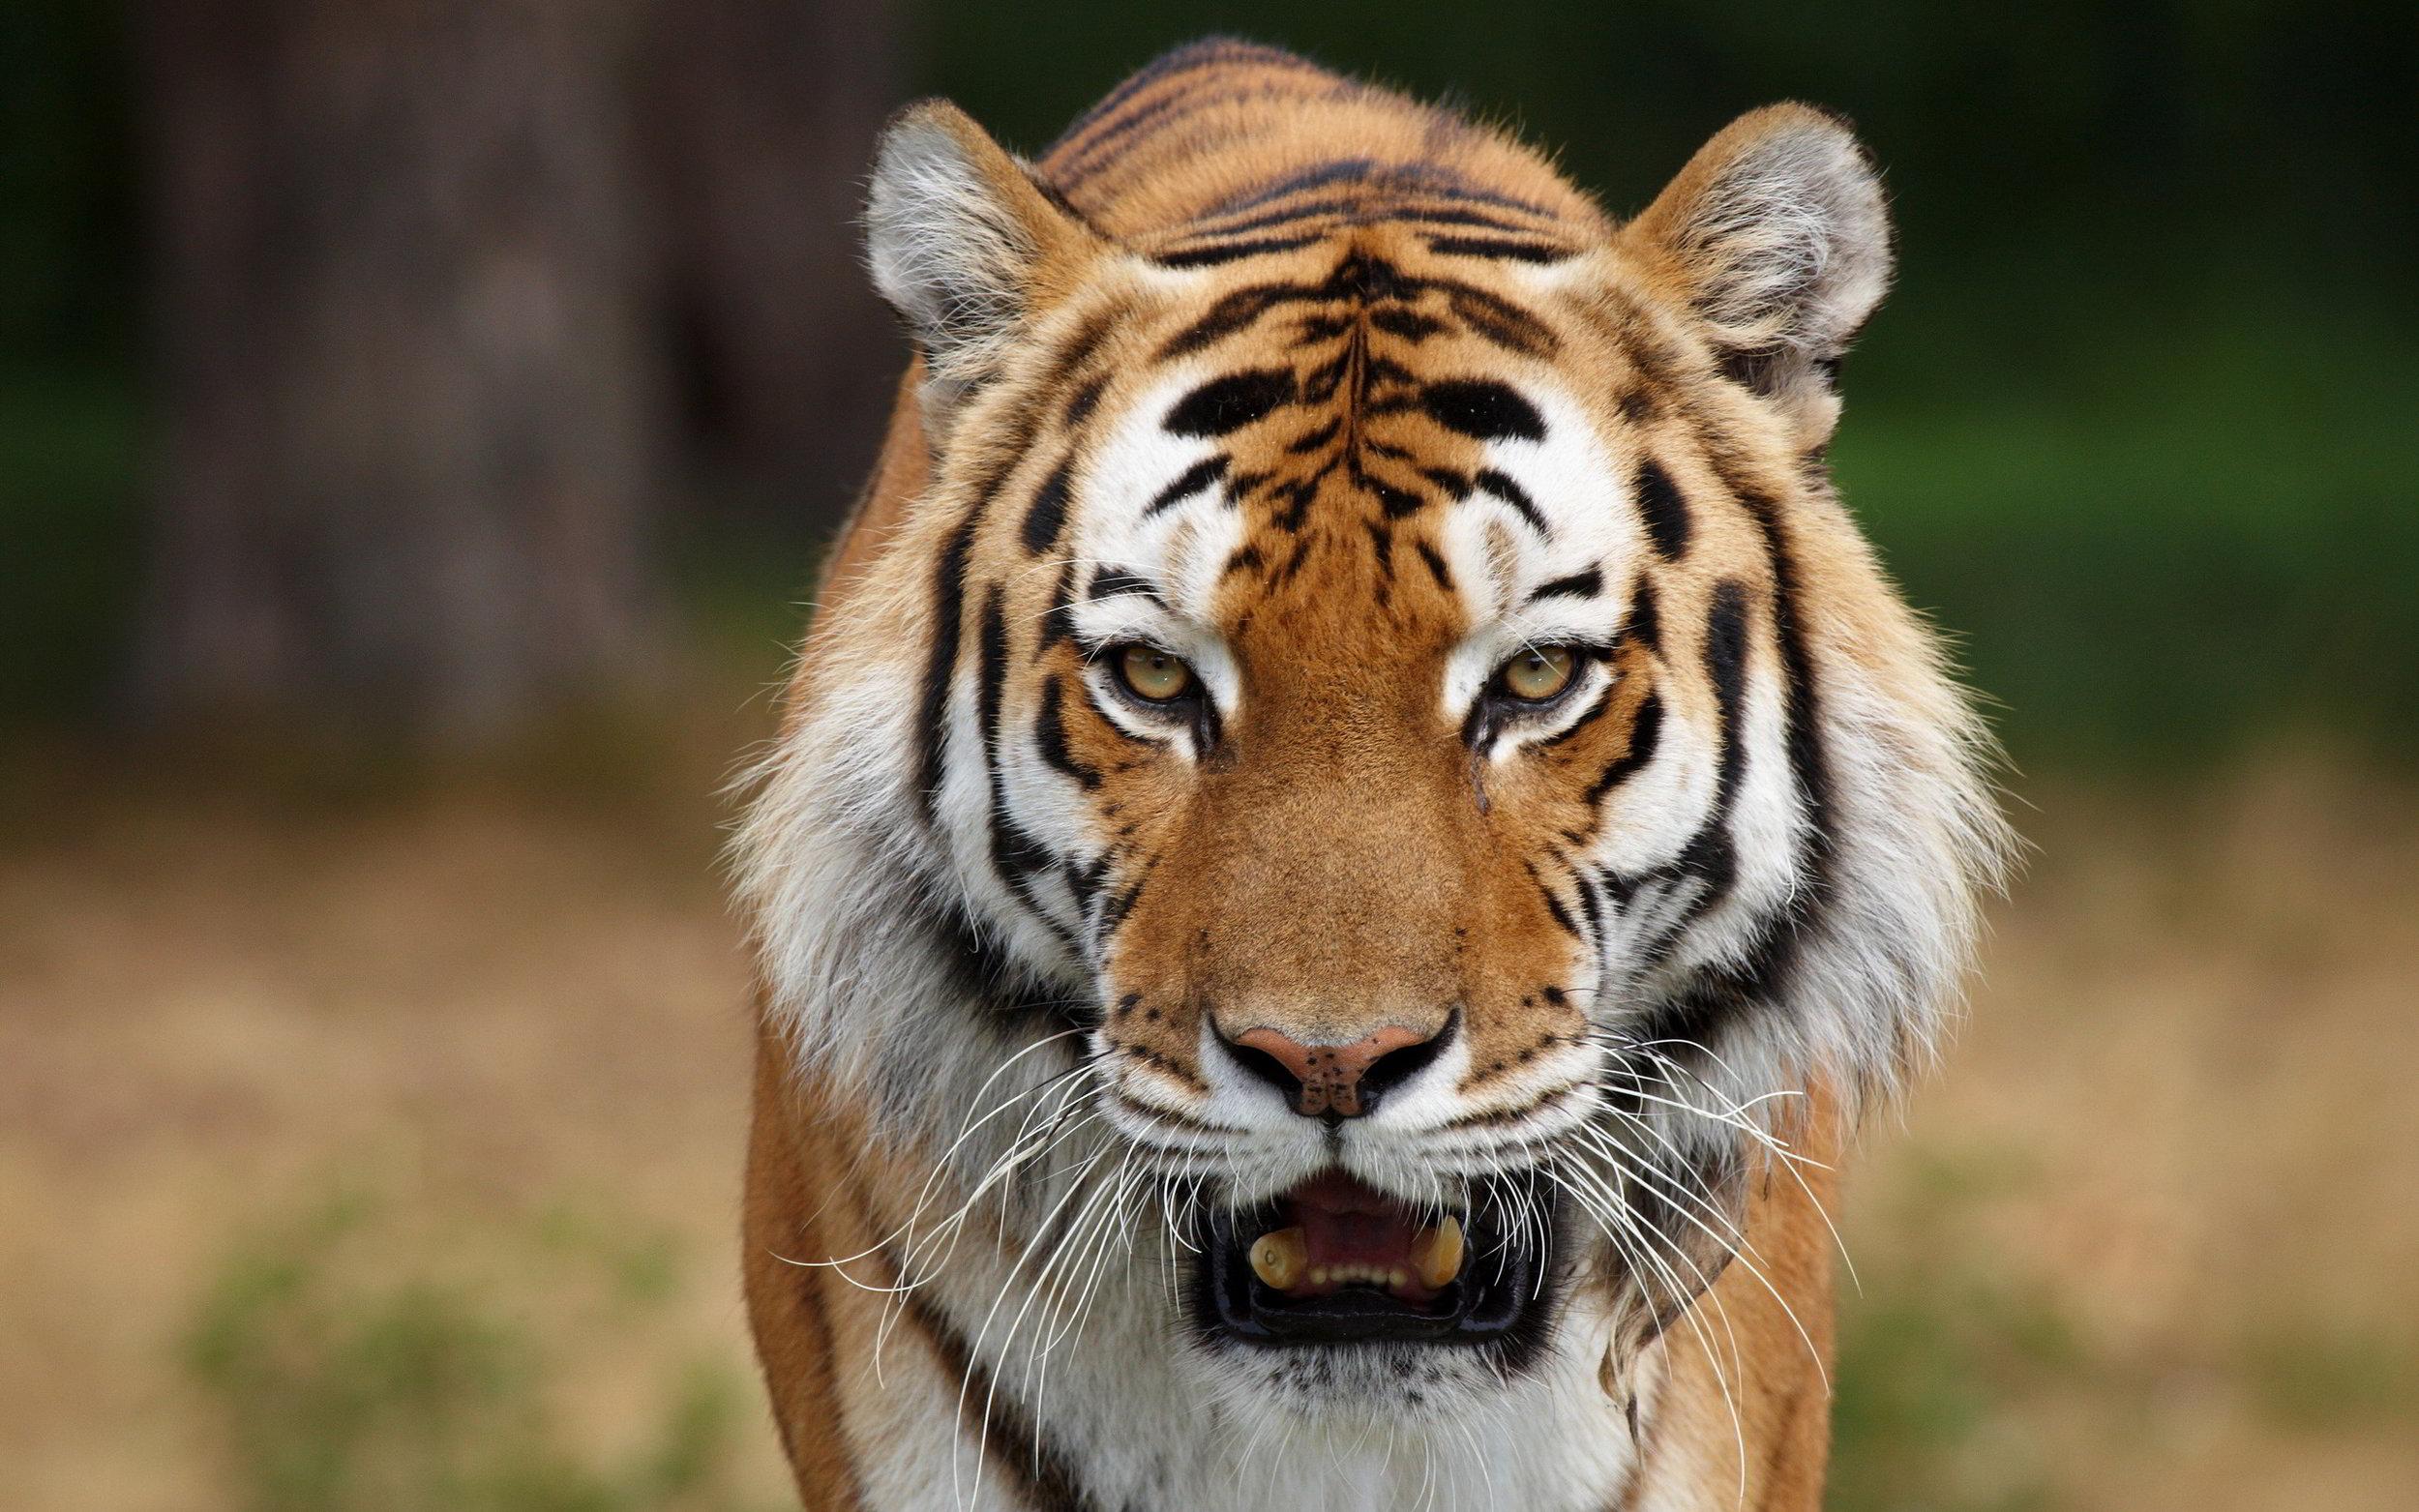 6974762-face-tiger.jpg